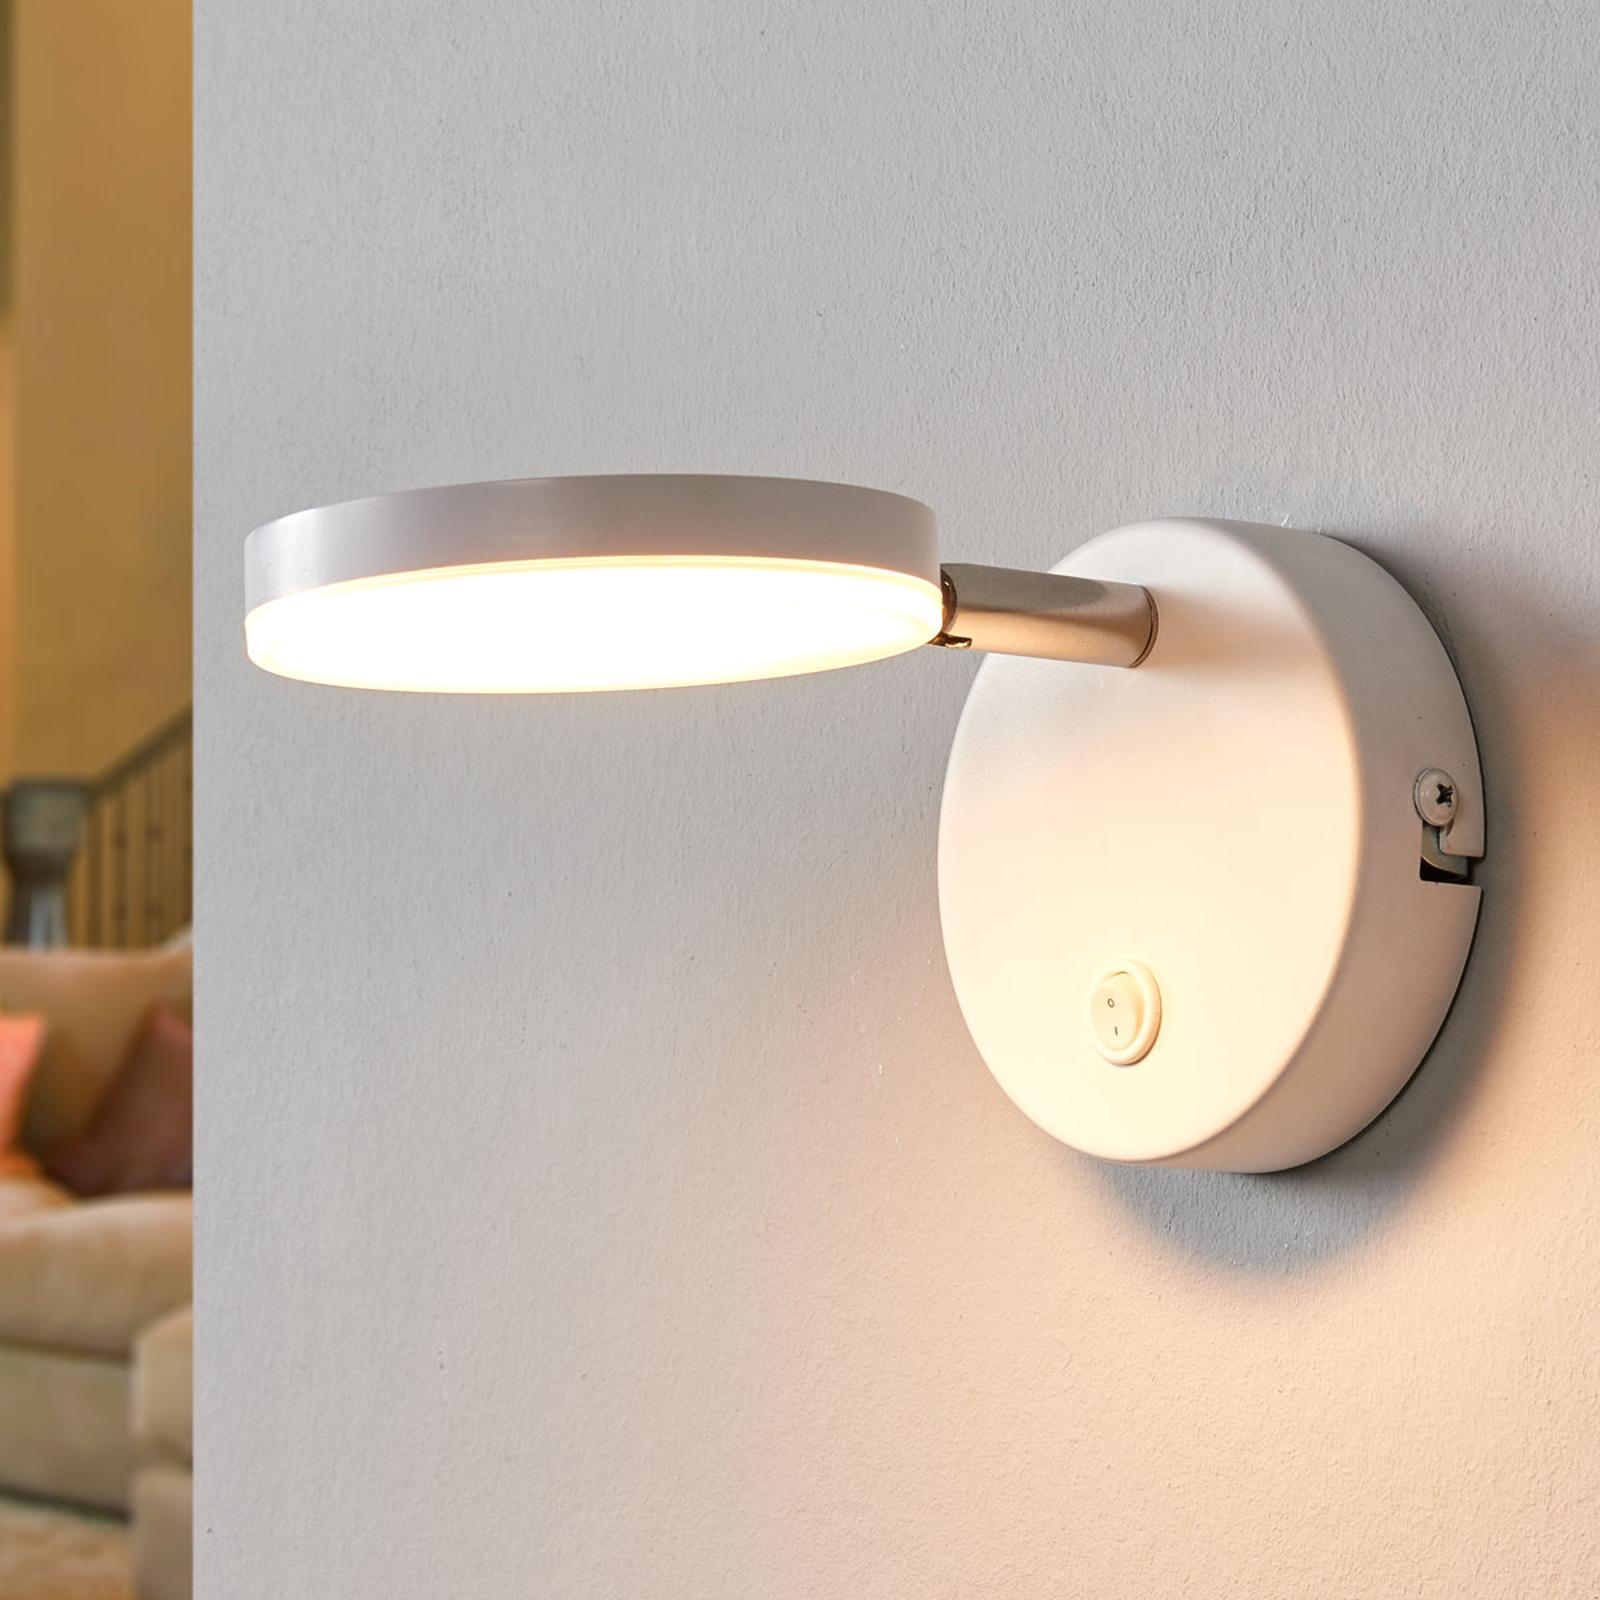 Biały kinkiet LED Milow zprzełącznikiem